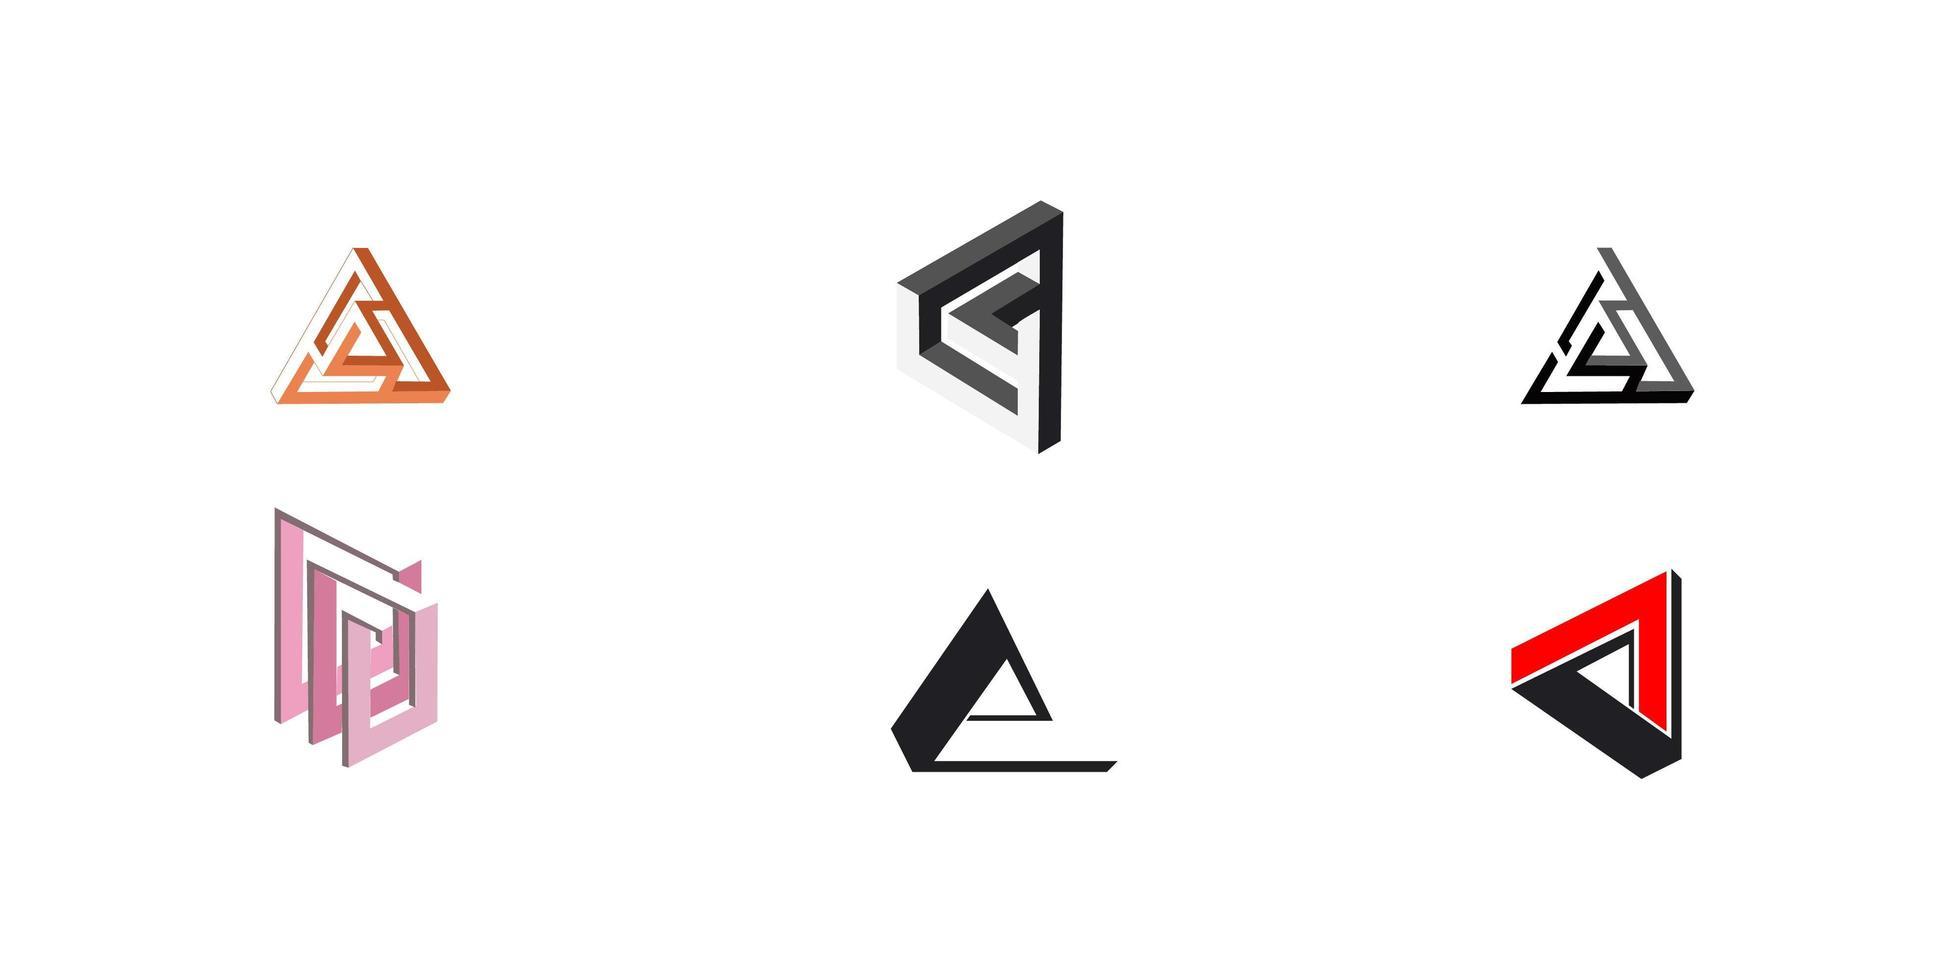 uppsättning abstrakta triangulära ikoner vektor